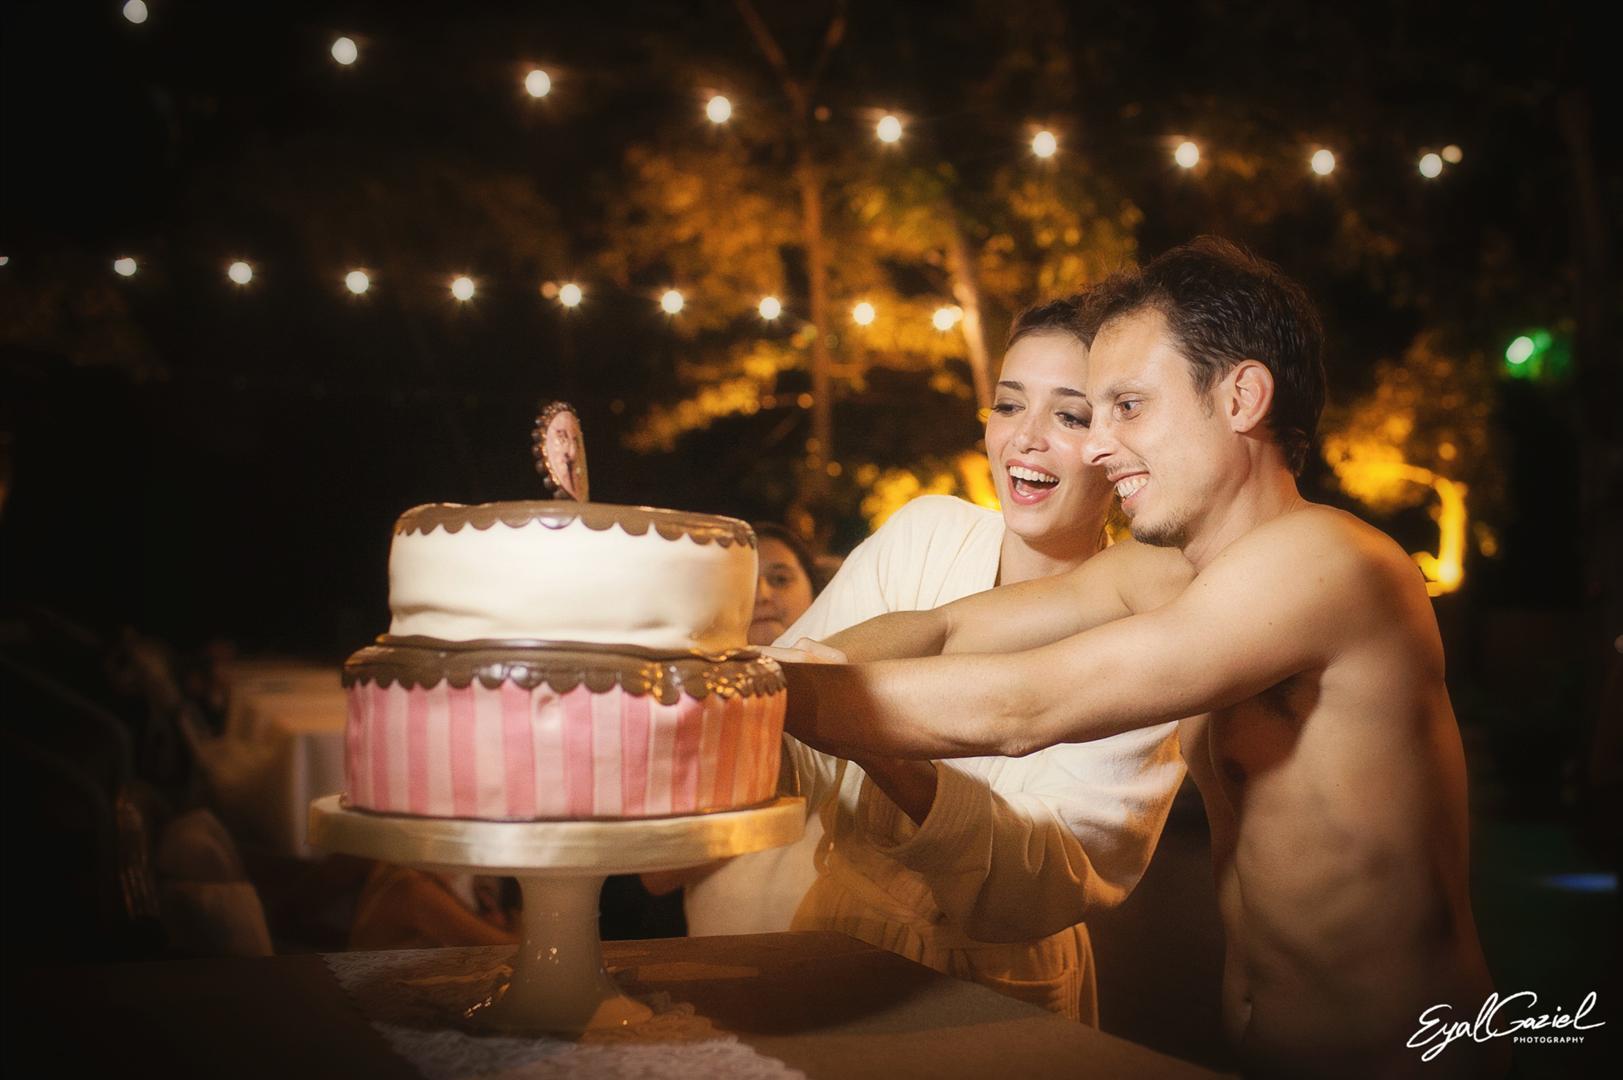 היופי שבפרטים: החתונה של קרן ואור